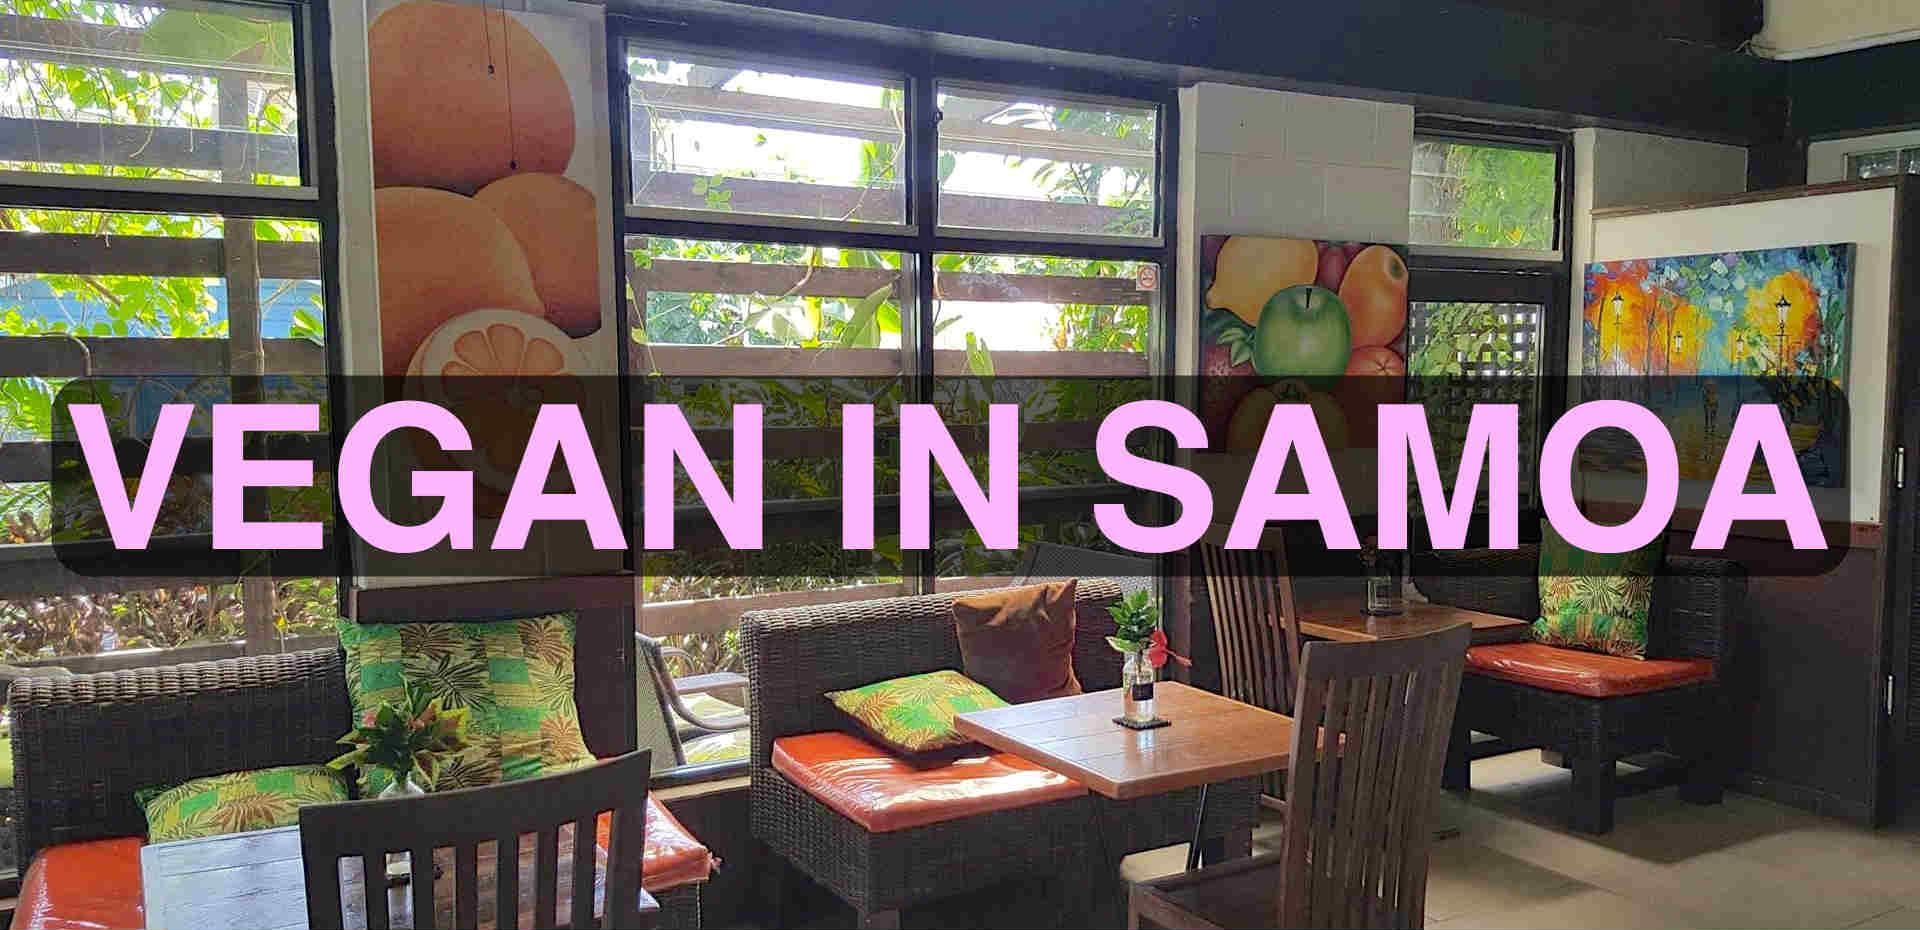 Vegan in Samoa